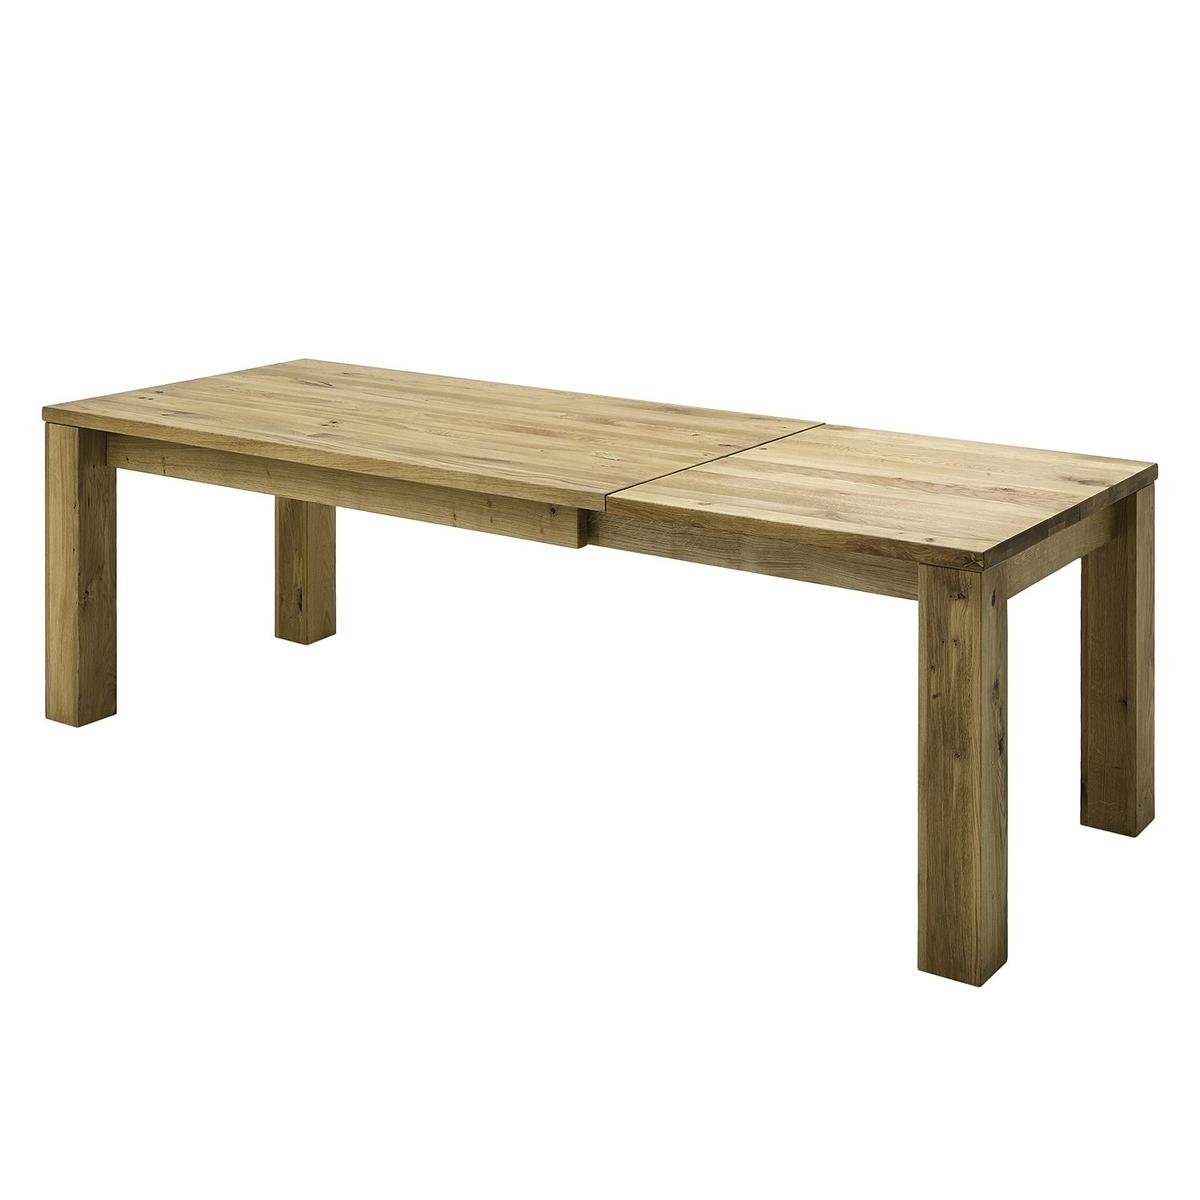 Esstisch mit Gestellauszug Lissy aus Massivholz, Bild 7